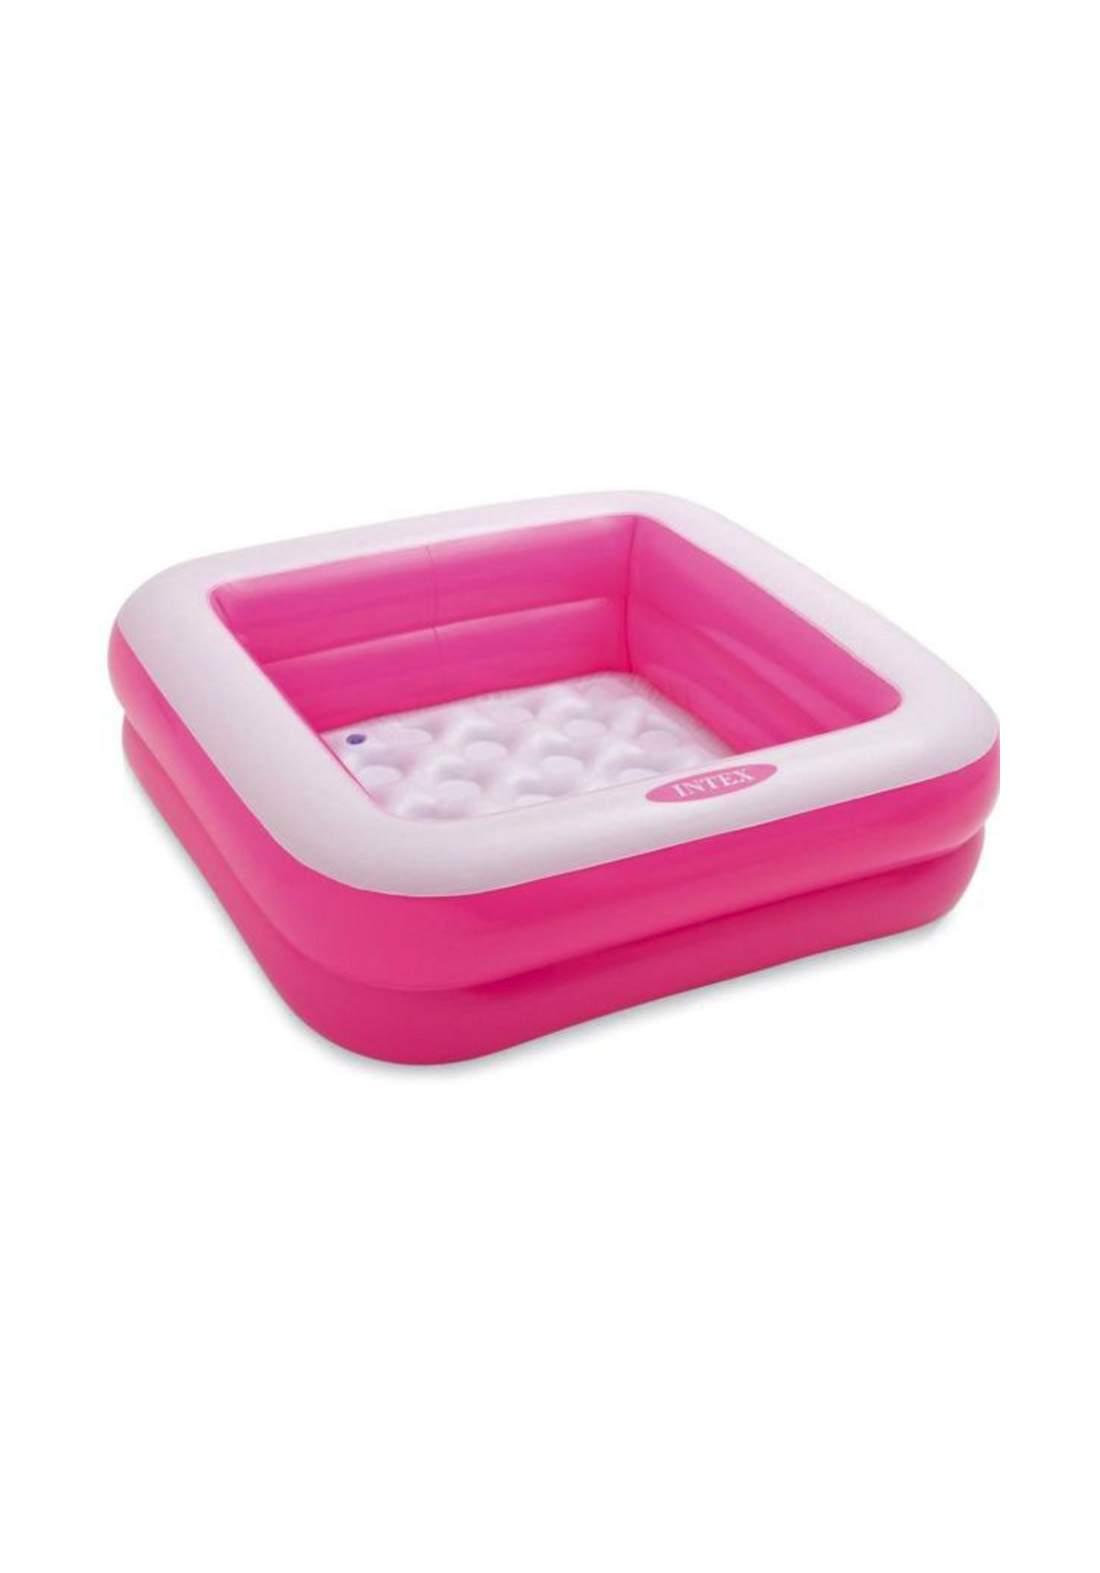 Intex 57100 Play Box Pool  مسبح